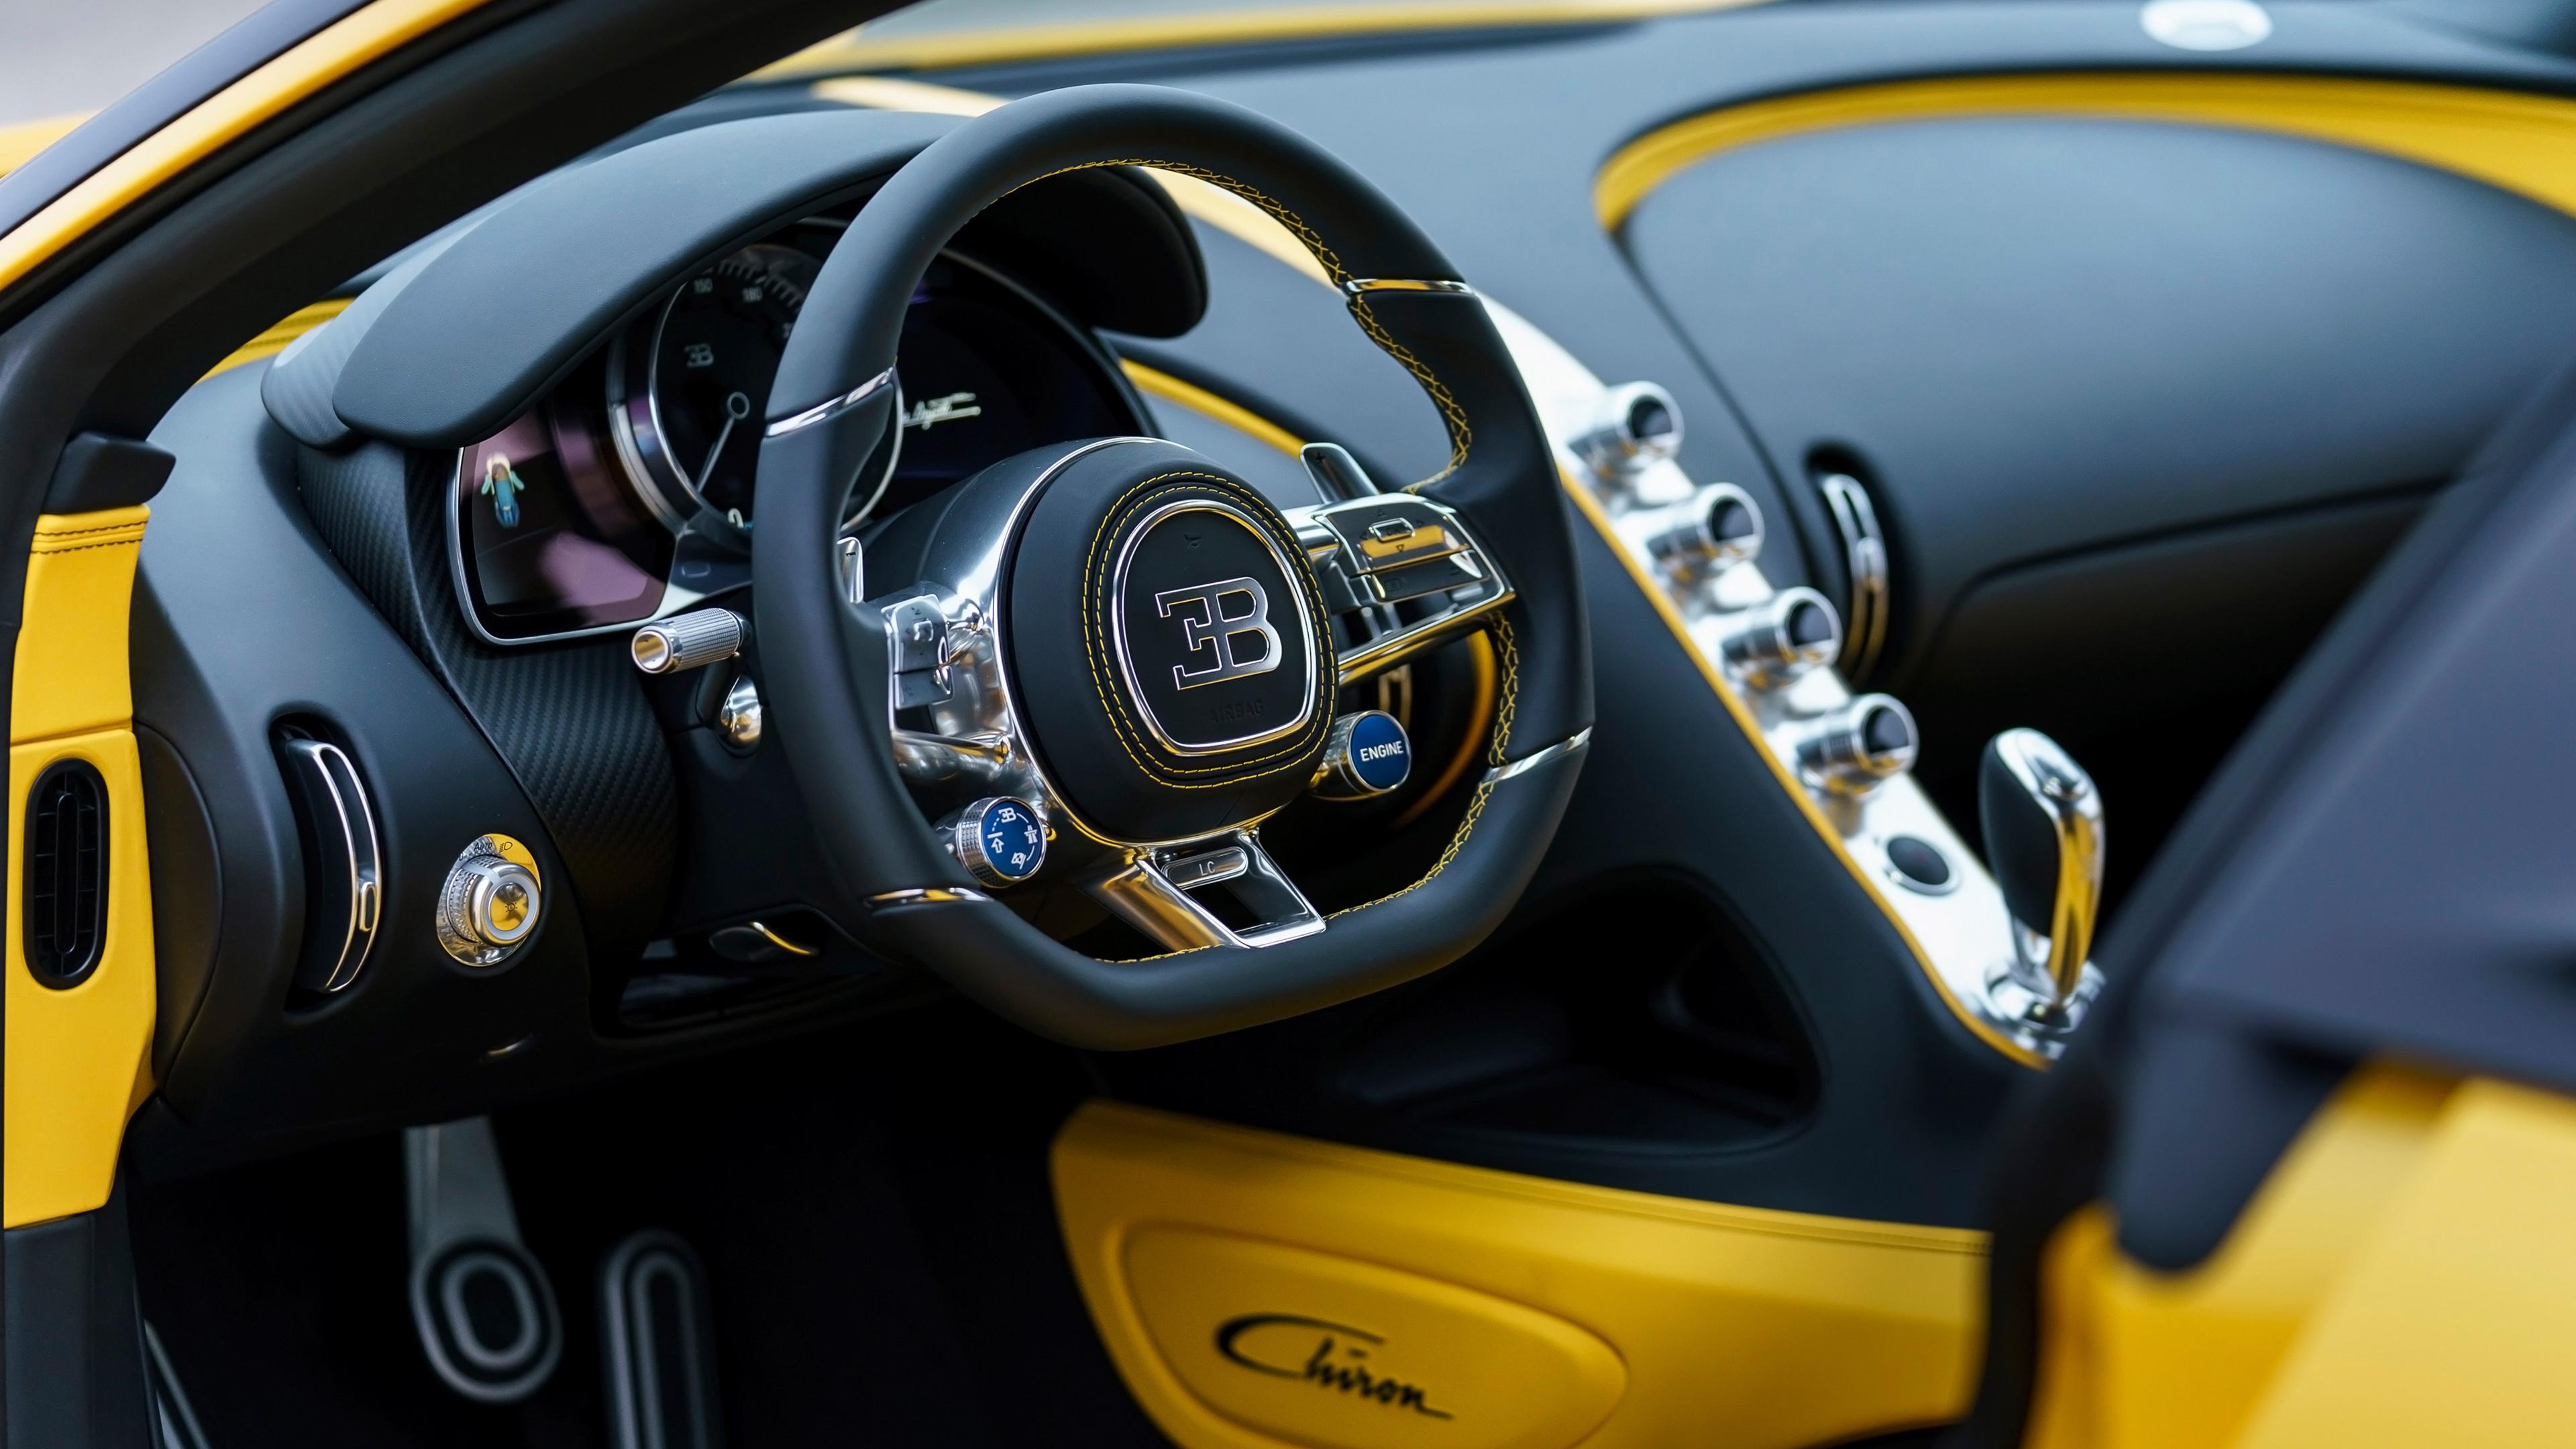 2018 Bugatti Interior >> 2018 Bugatti Chiron Yellow And Black Interior Wallpaper Hd Car